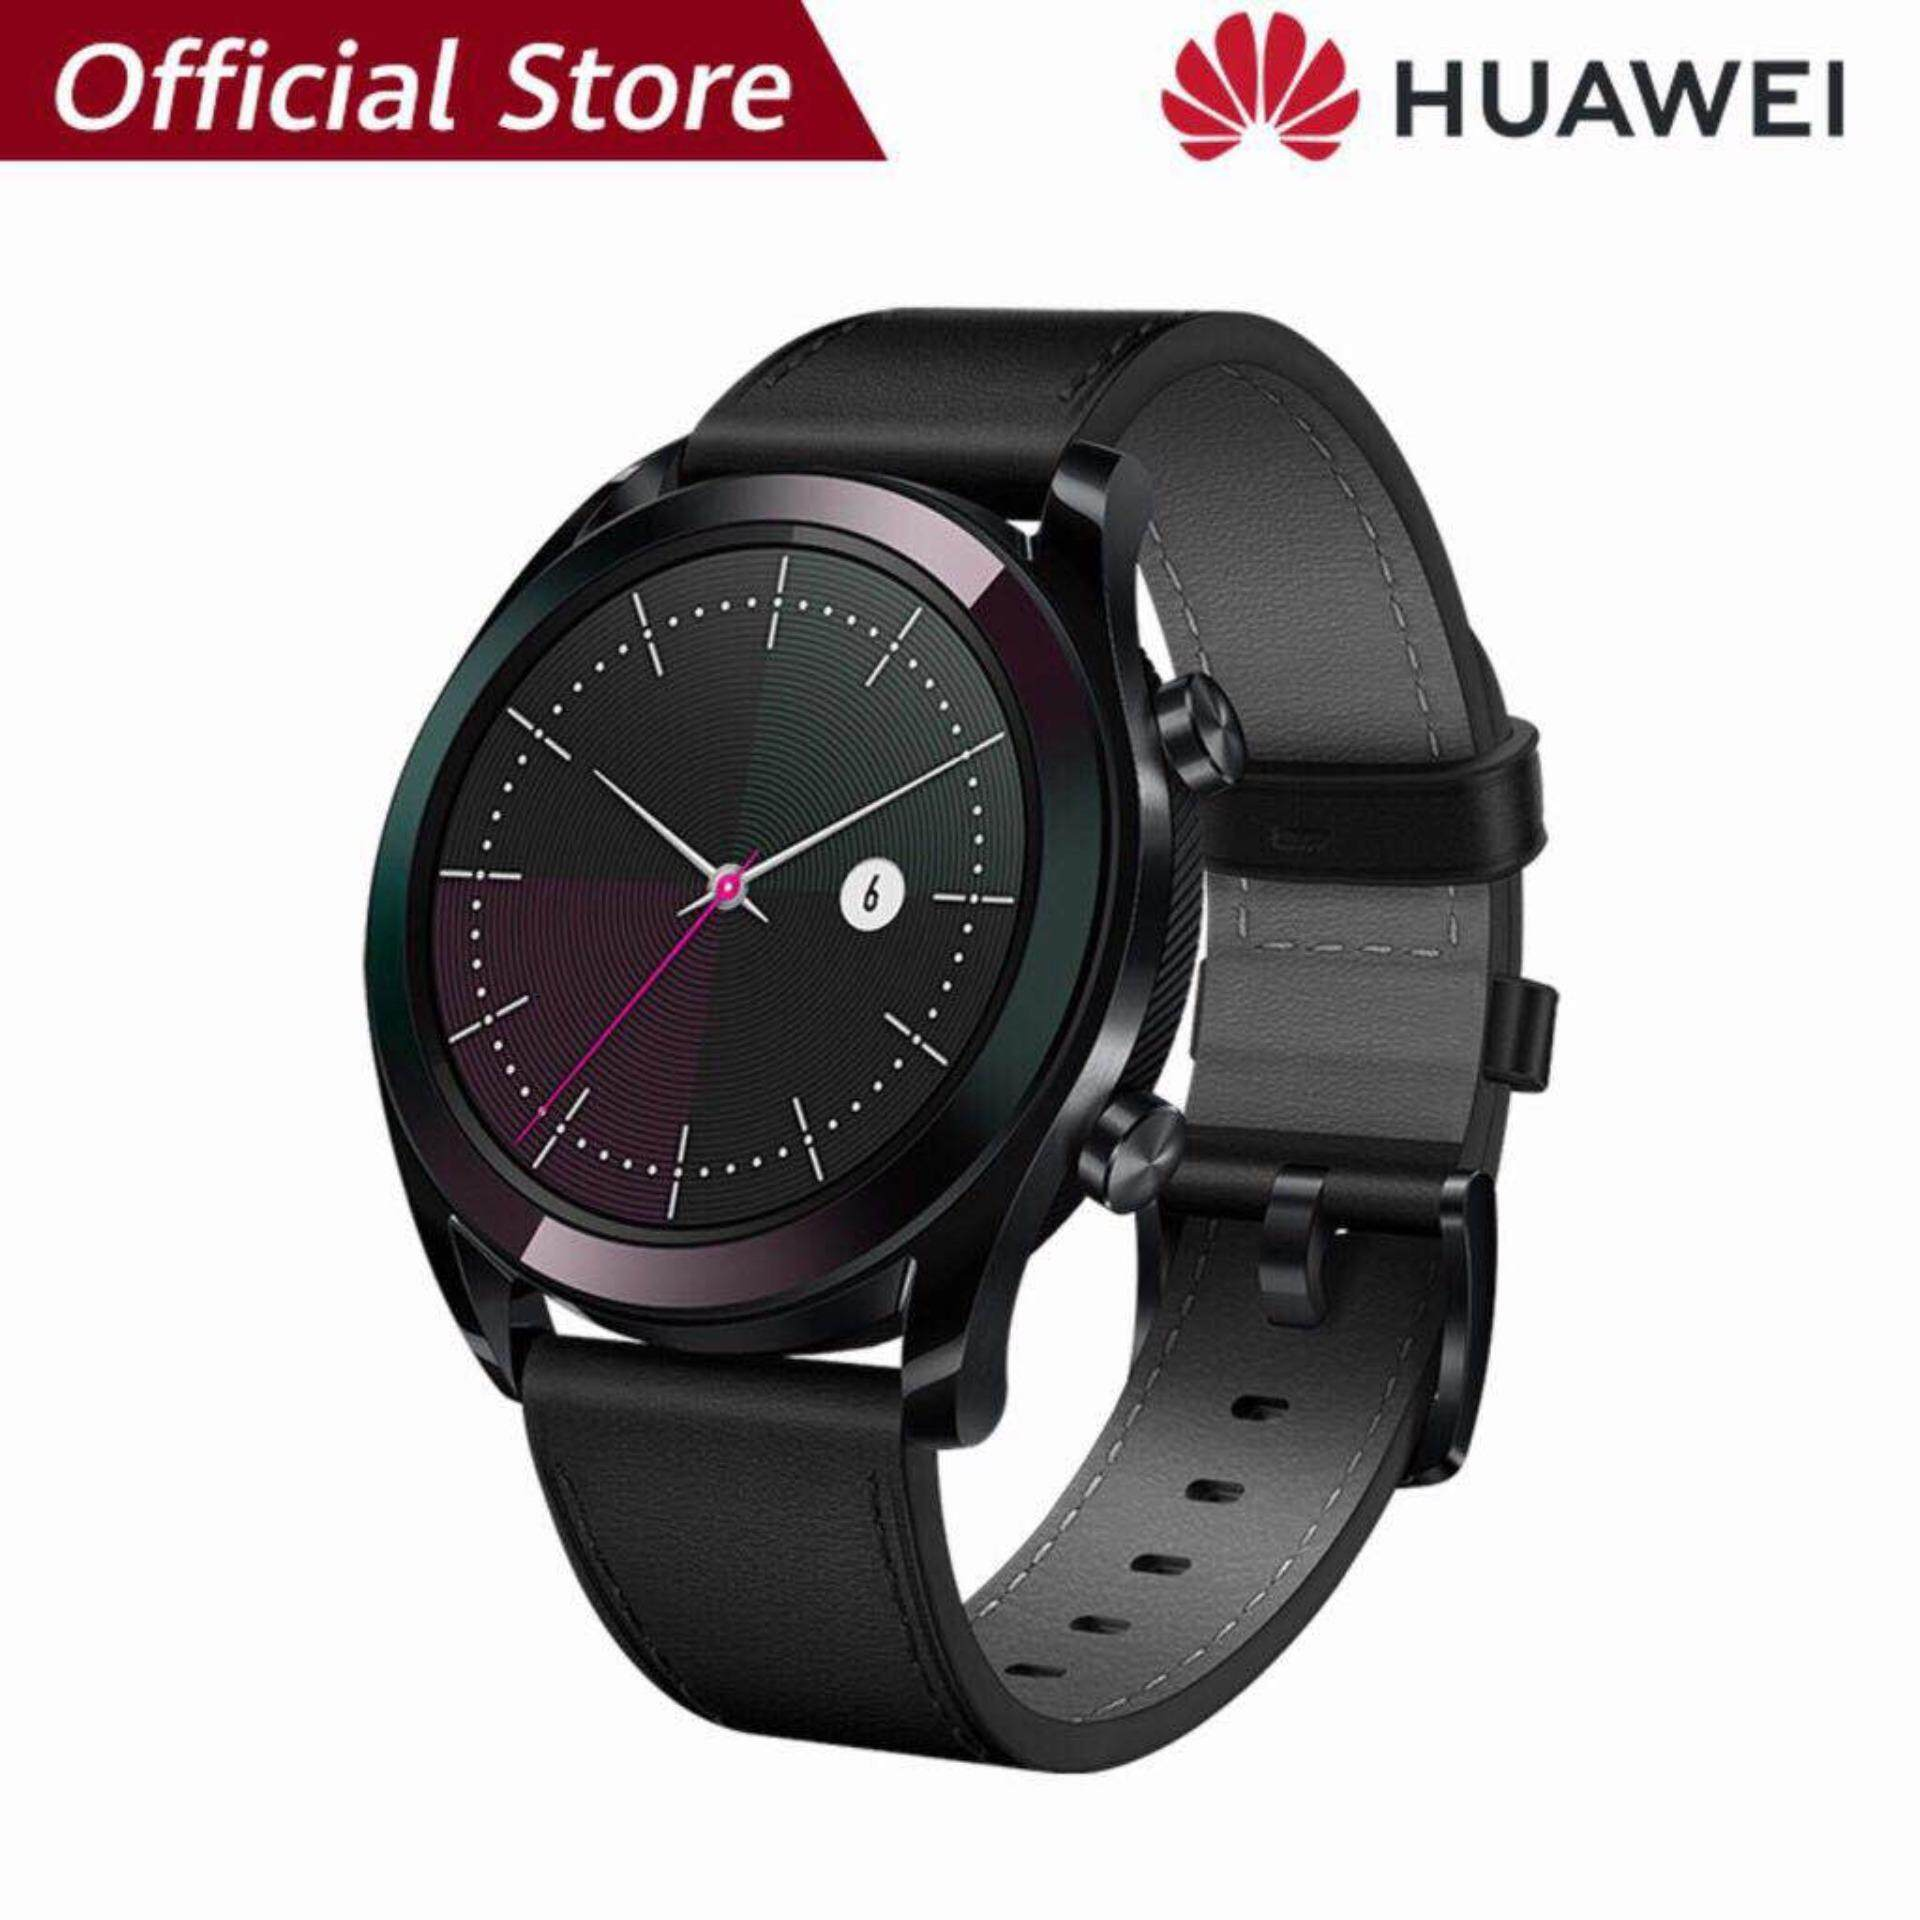 【รุ่น Elegant Edition】Huawei Watch GT แบตเตอรี่ที่แข็งแกร่ง